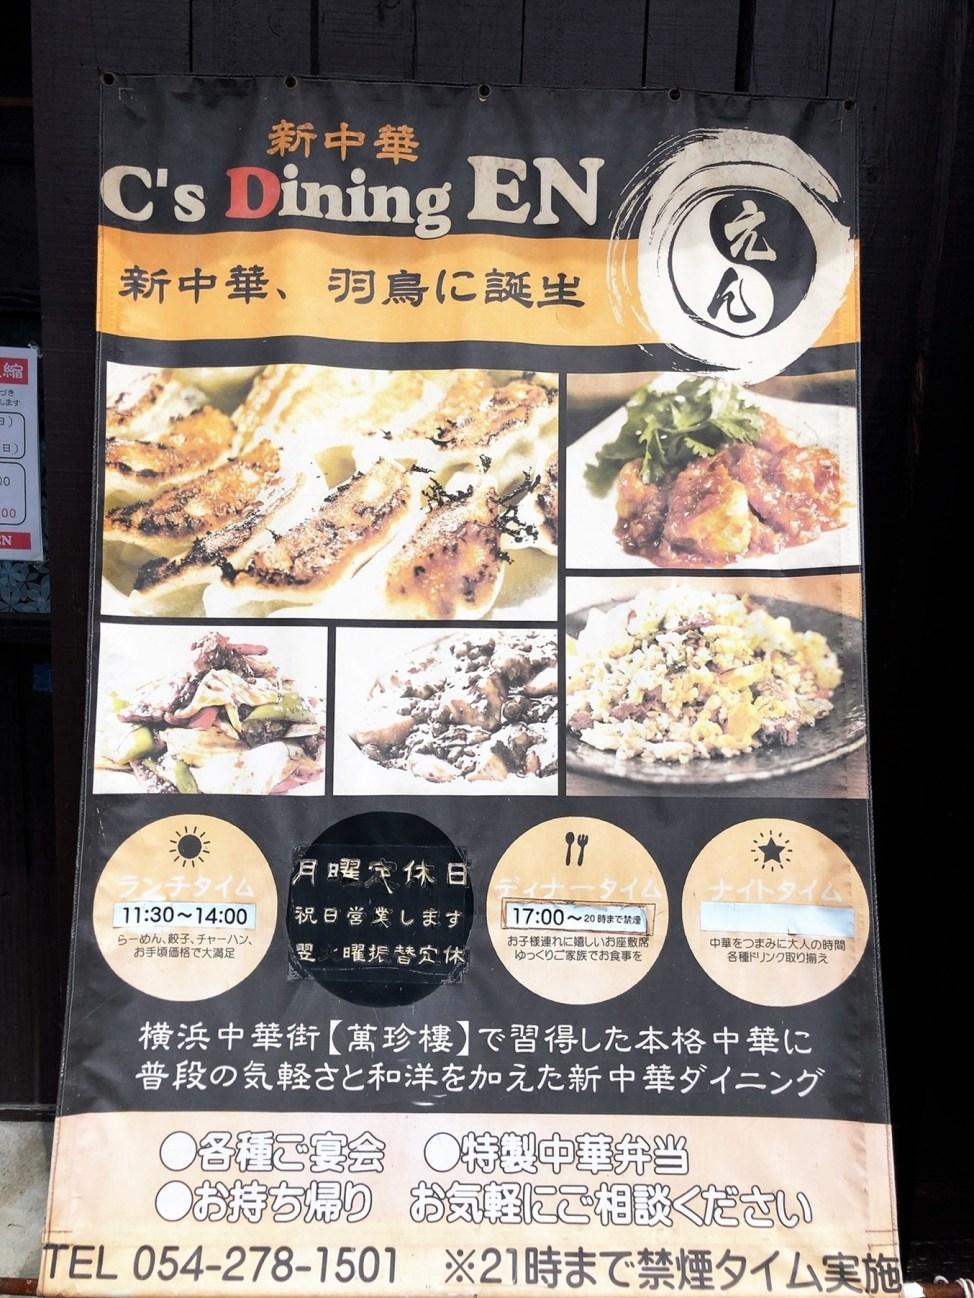 C's Dining ENのタペストリー